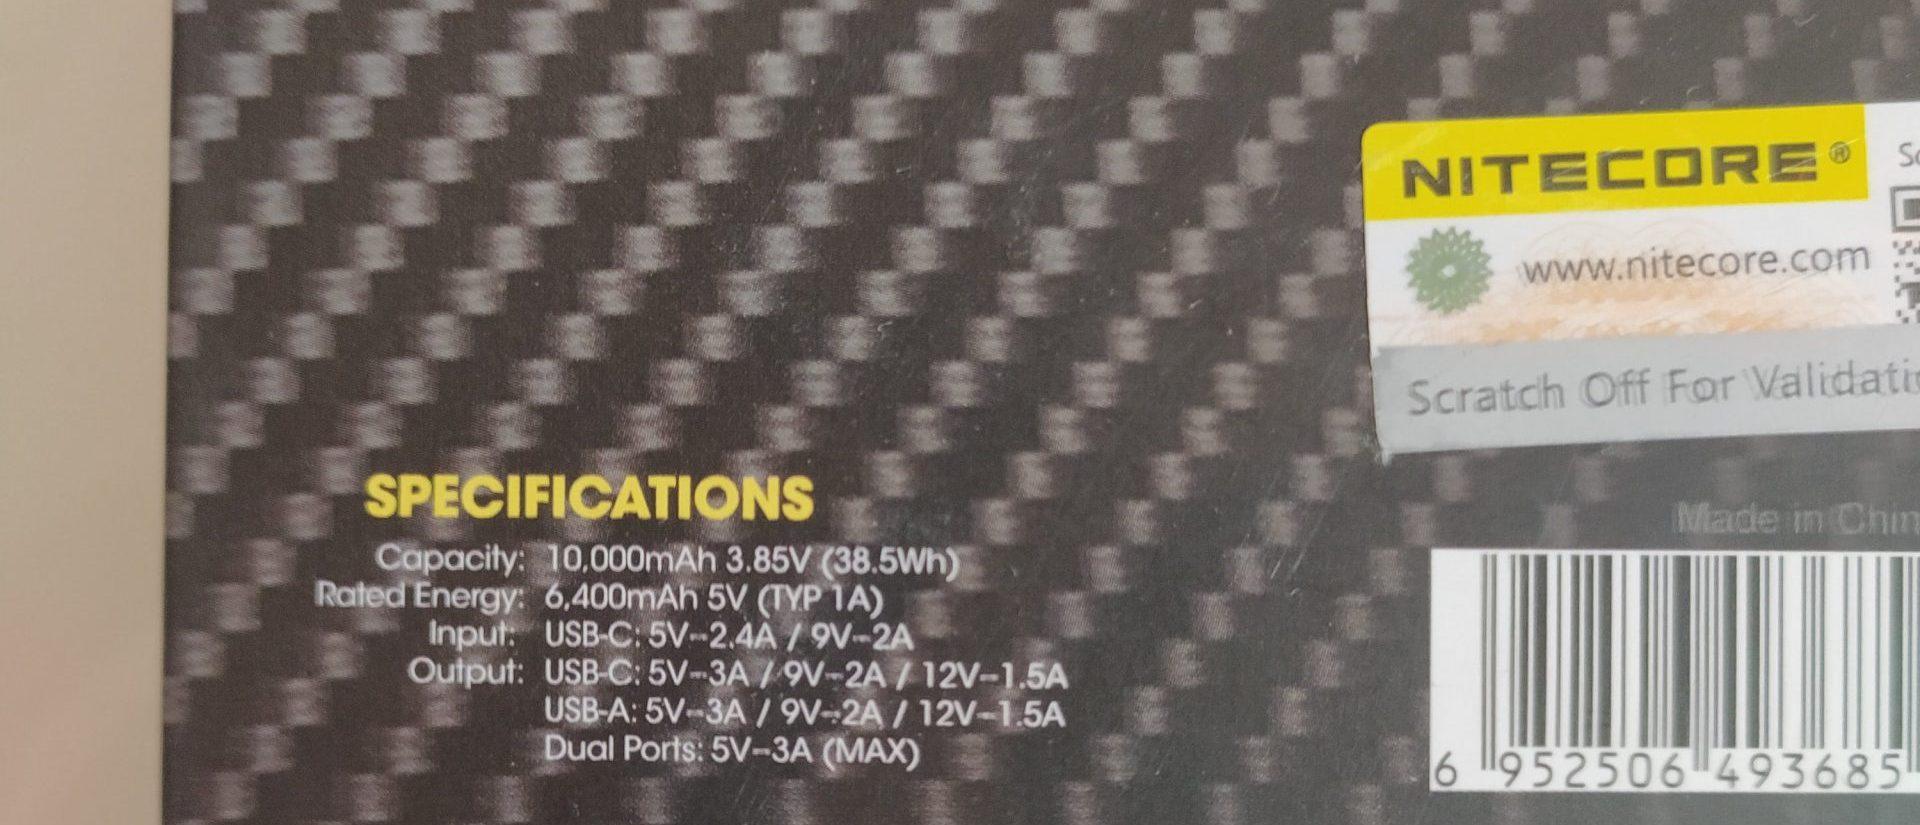 Technische Daten der Nitecore NB10000 laut Verpackung